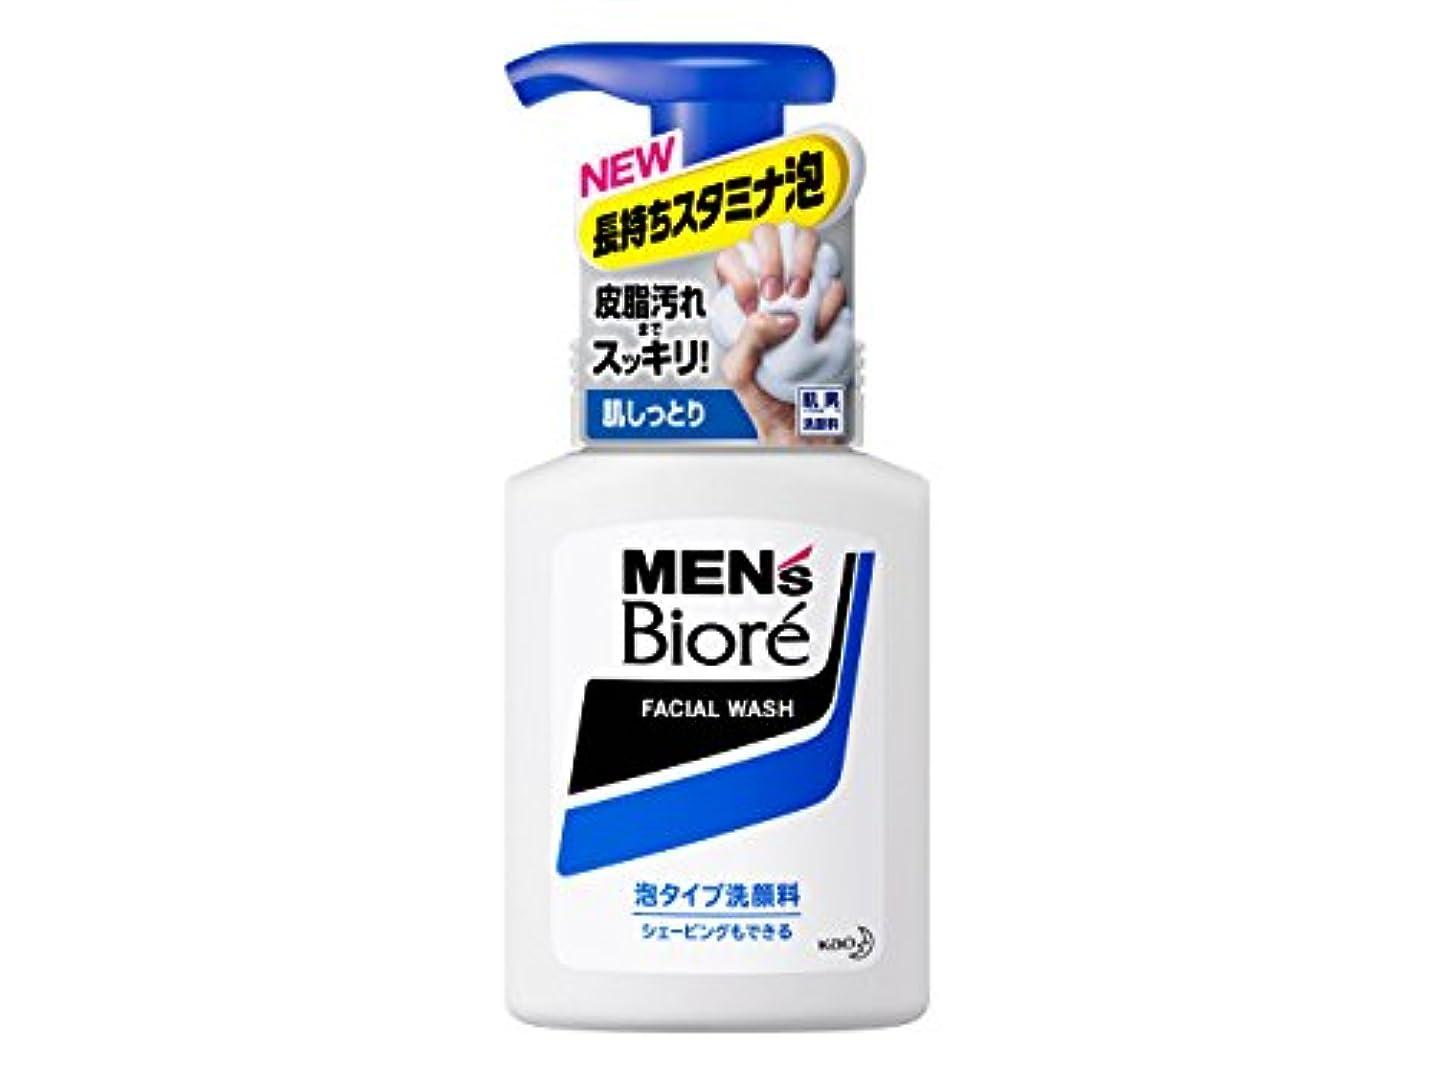 影気配りのあるのぞき穴【花王】メンズビオレ 泡タイプ洗顔 150ml ×10個セット